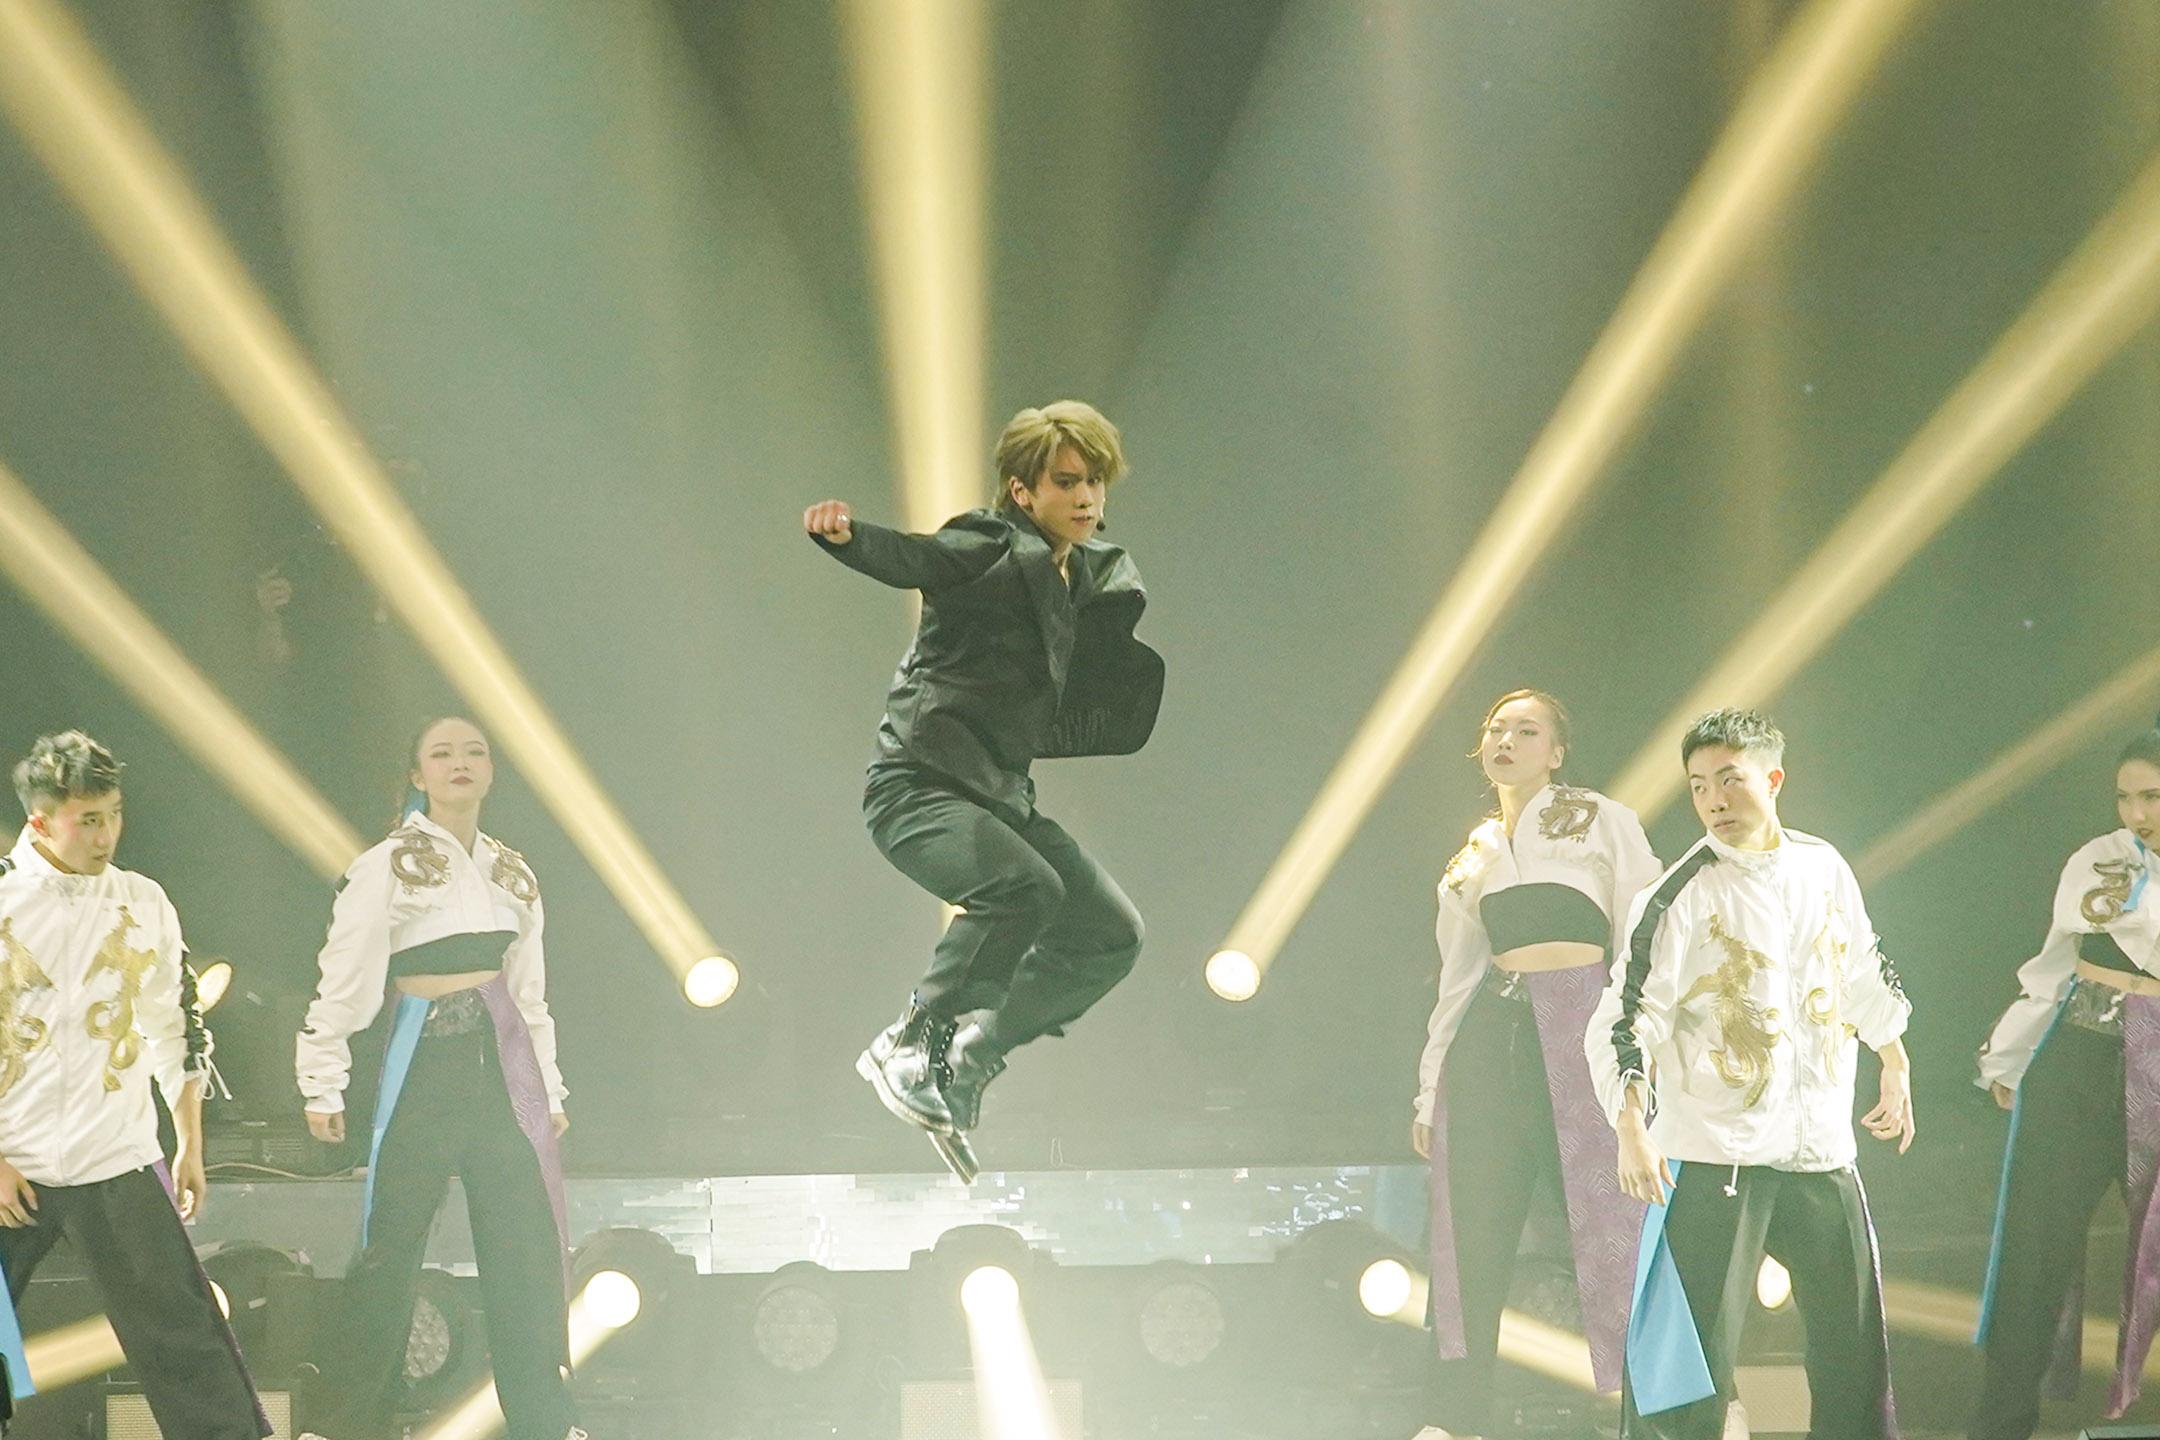 2021年5月11日香港,香港組合 Mirror 的成員姜濤於音樂會舞台上表演。